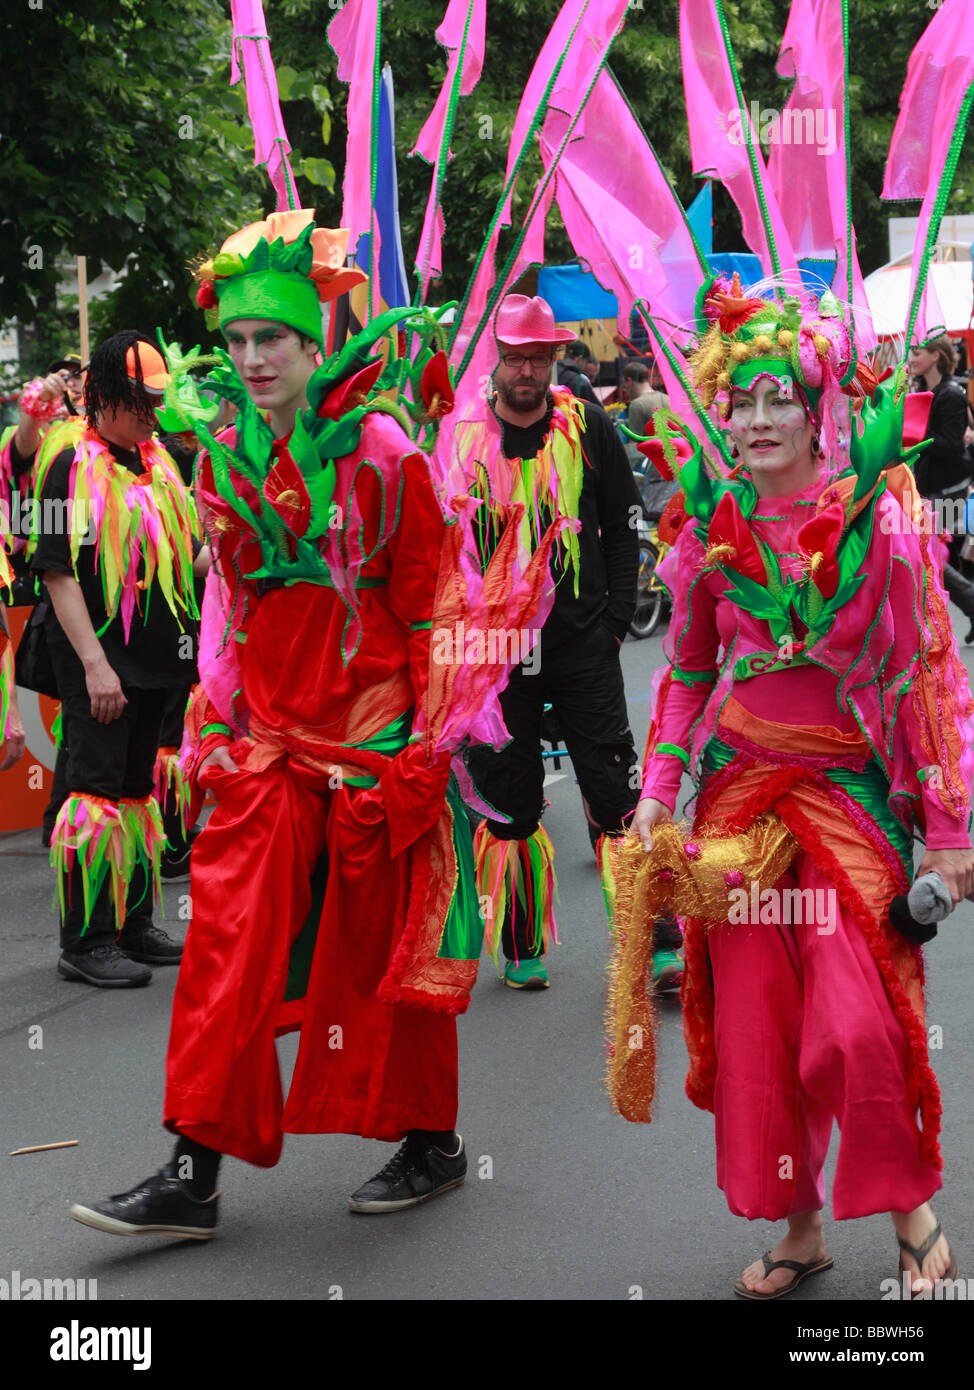 Carnaval de las Culturas de Berlín Alemania par en traje Imagen De Stock